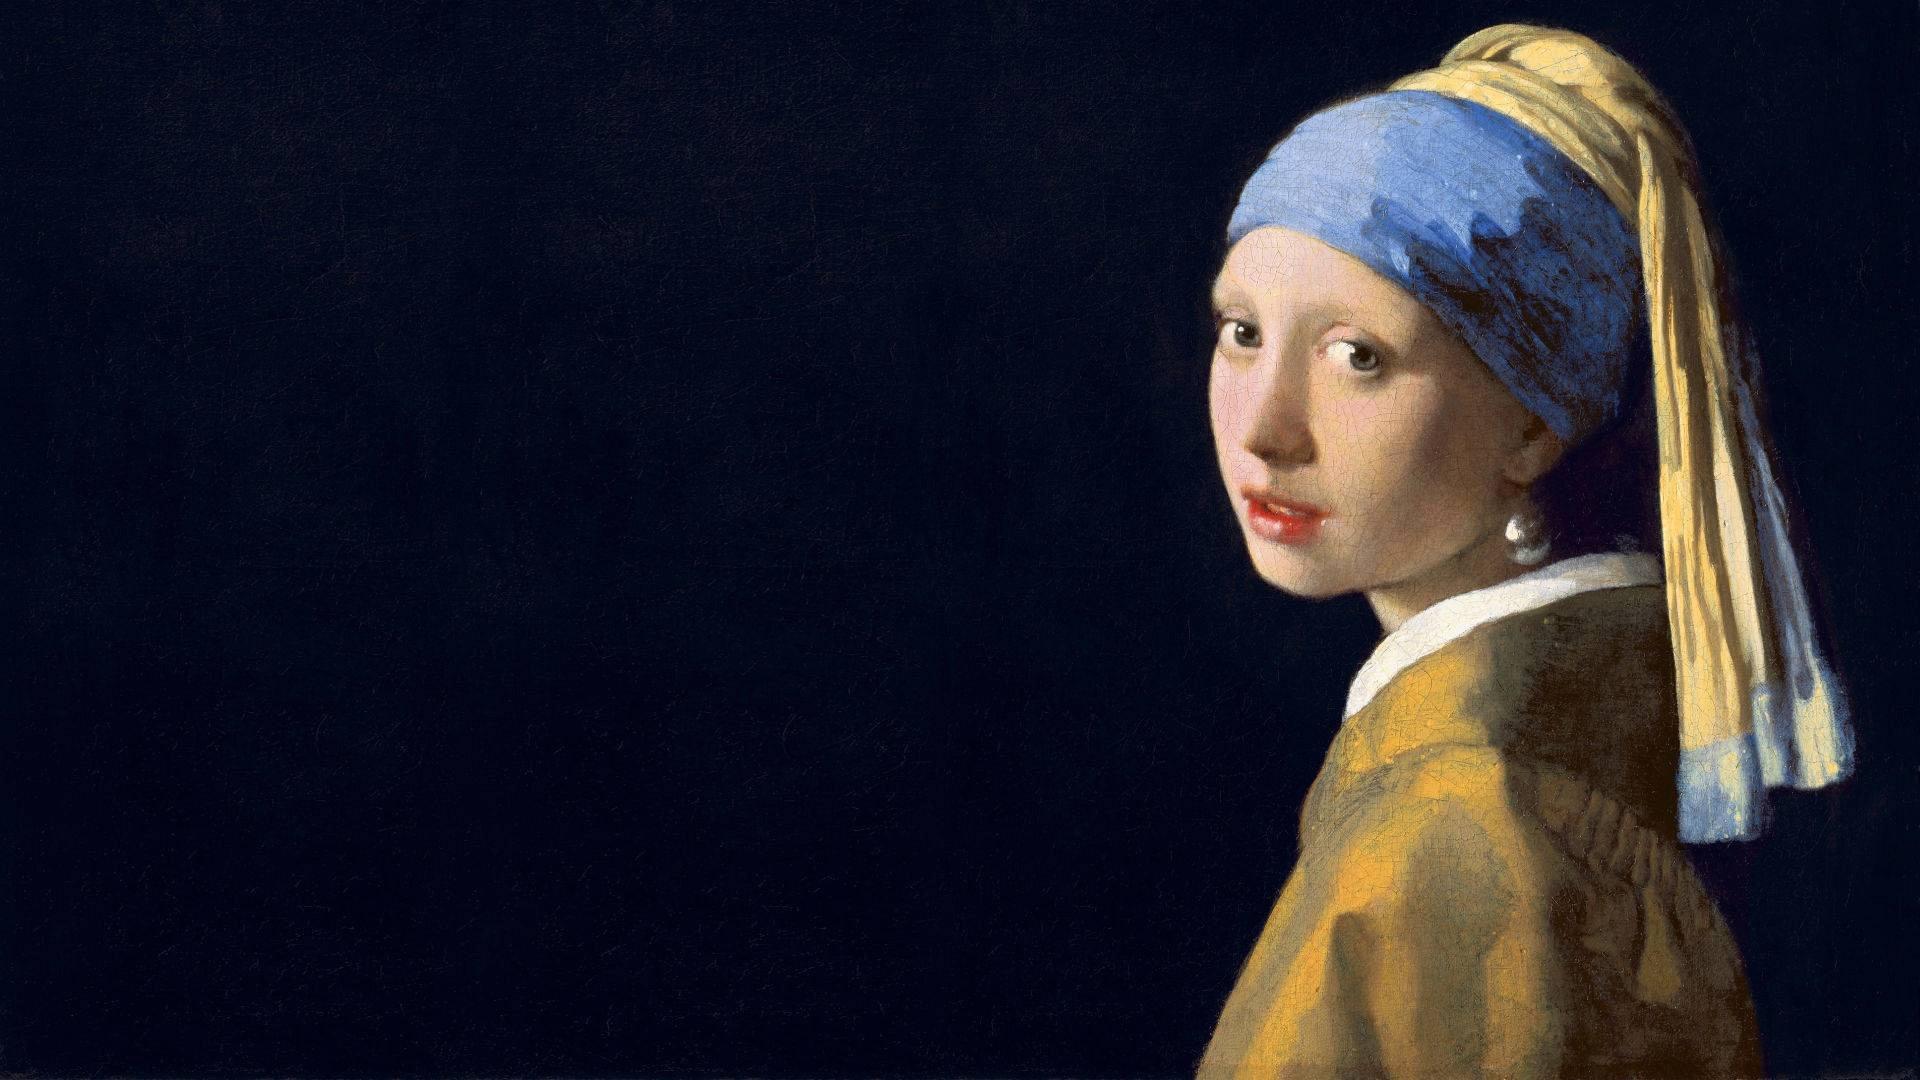 دختری با گوشواره های مروارید کاری از پیتر وبر محصول سال ۲۰۰۳